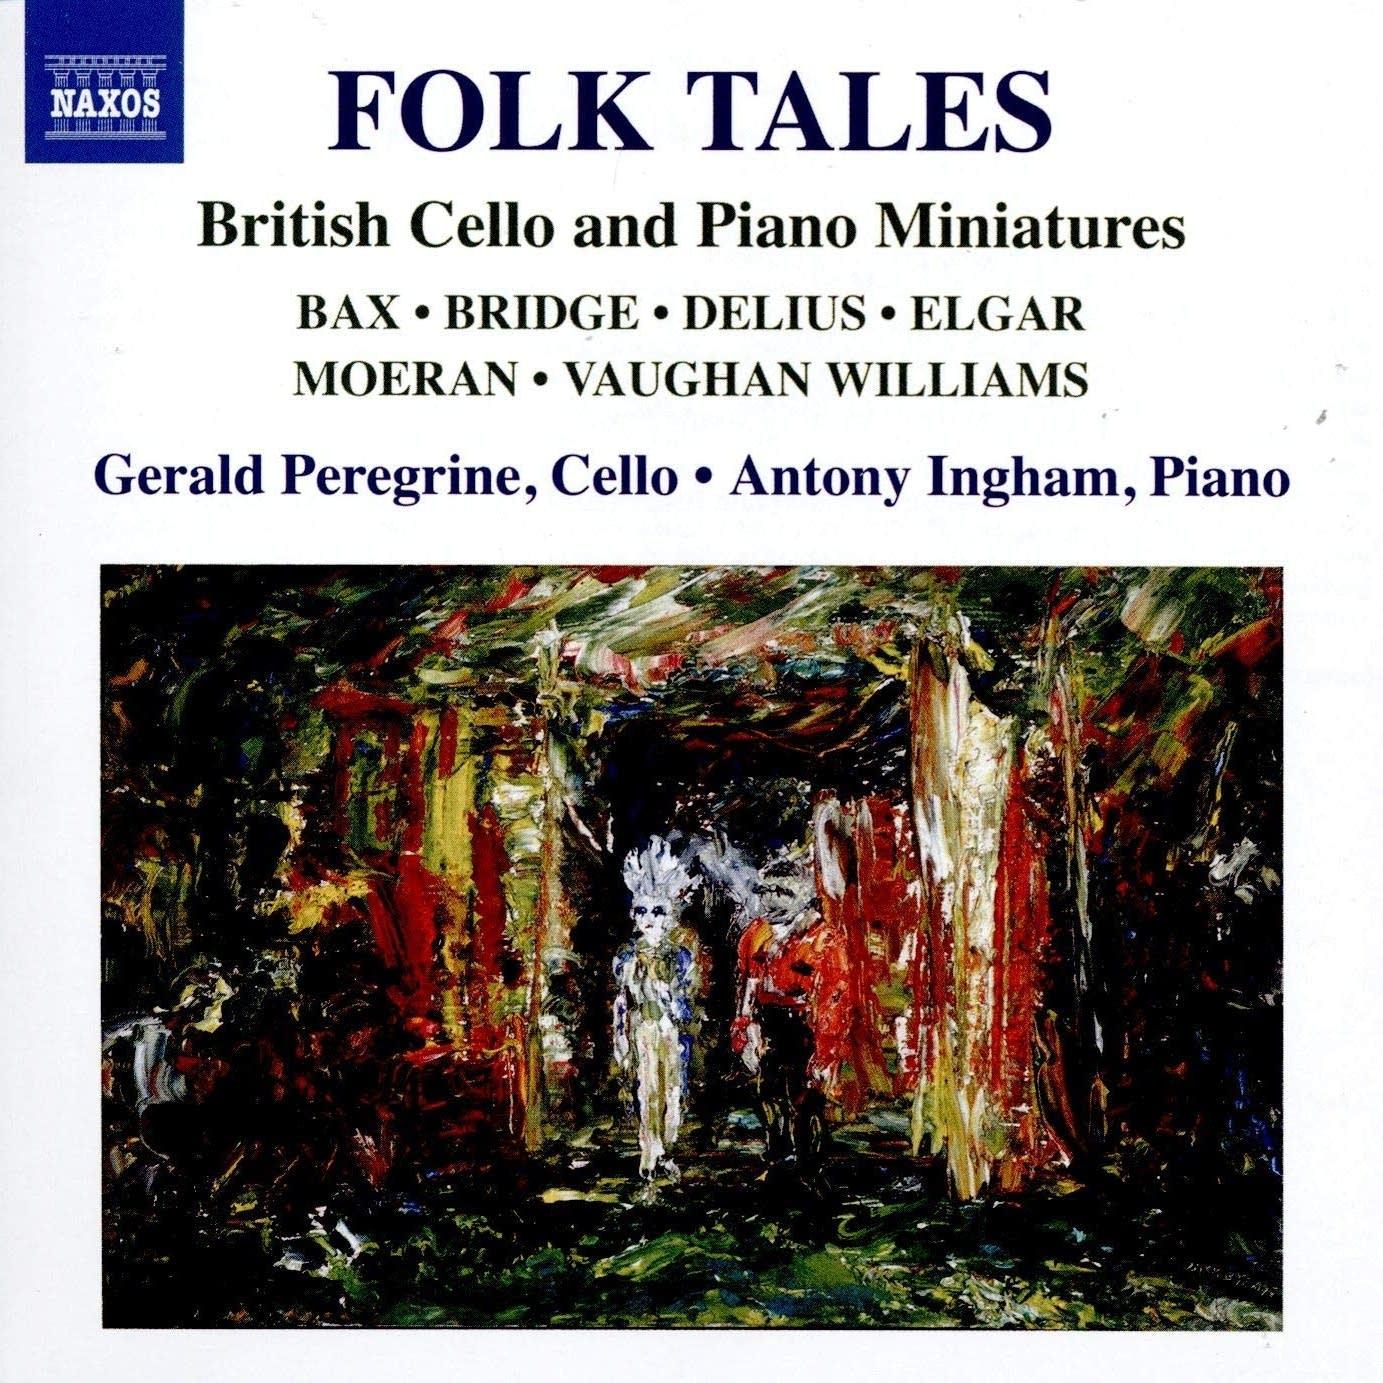 Frederick Delius - Romance for Cello and Piano